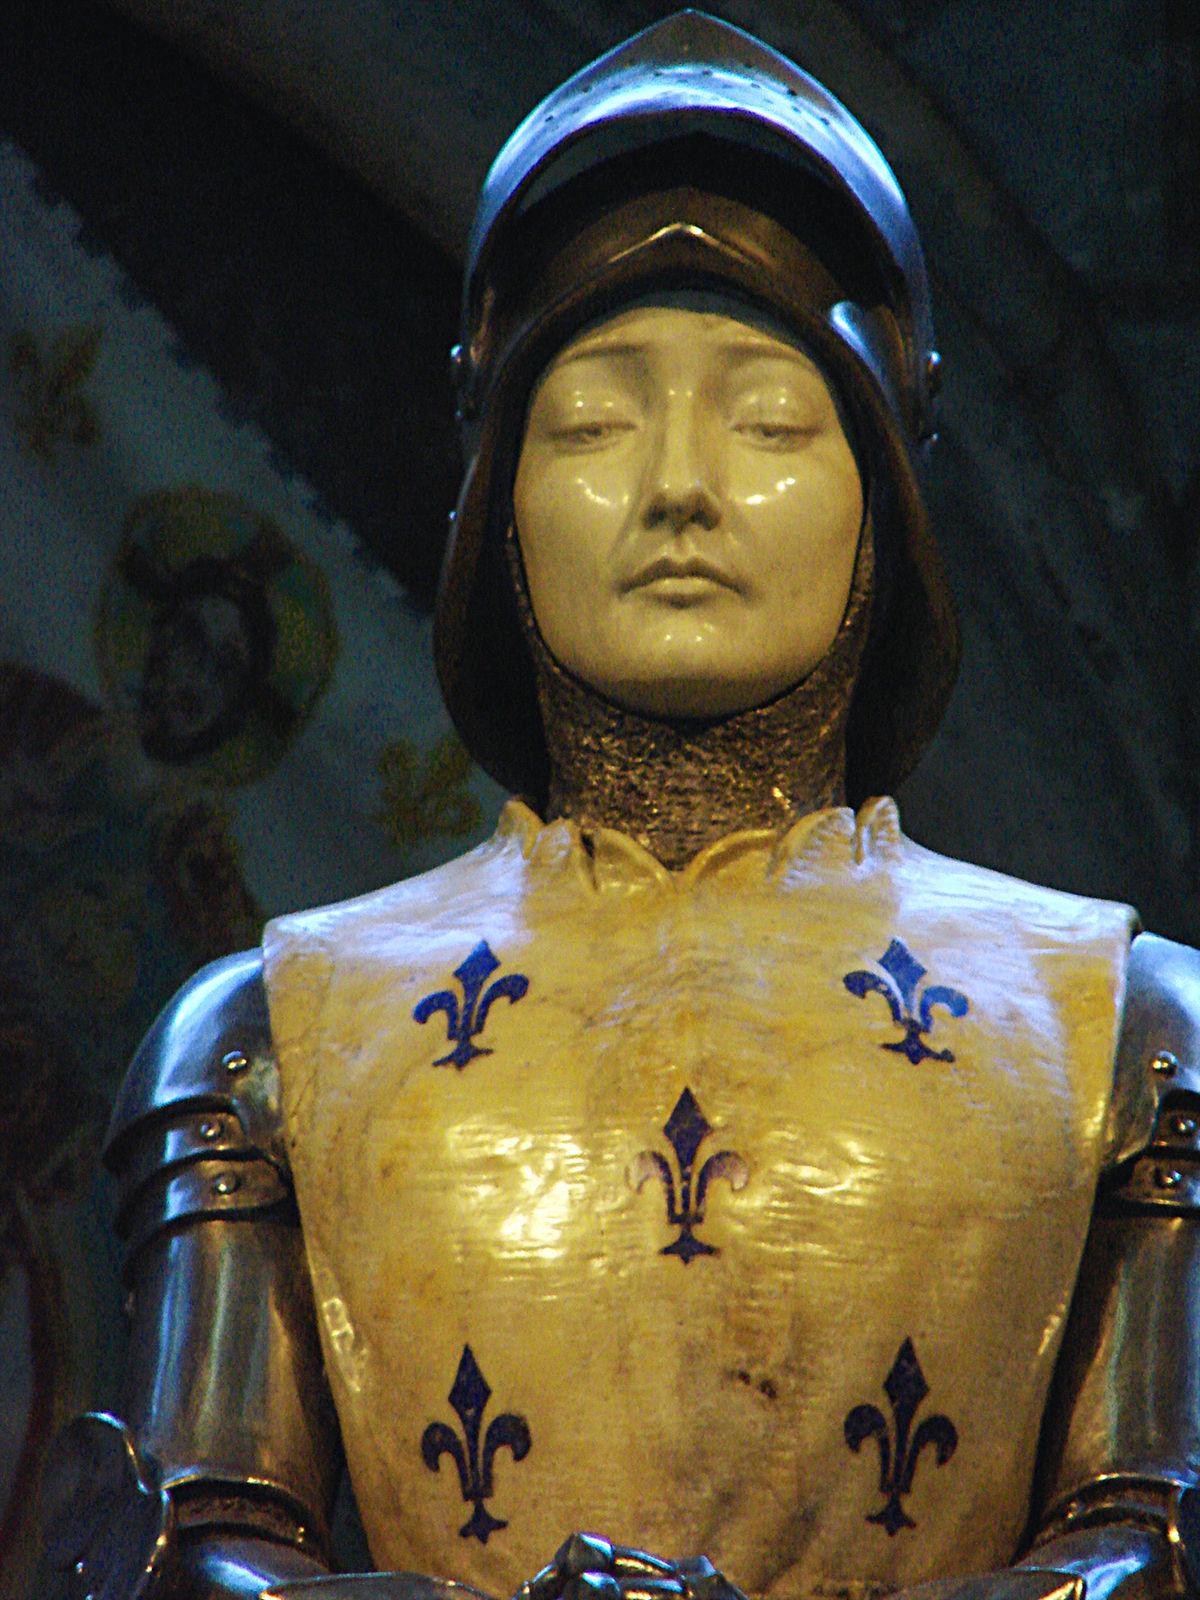 saint cyr sur loire asian girl personals Pont rousseau sex asian video porn meilleur  site pour escort girl saint martin des  tres chaude call girl sur nice saint christophe vallon.